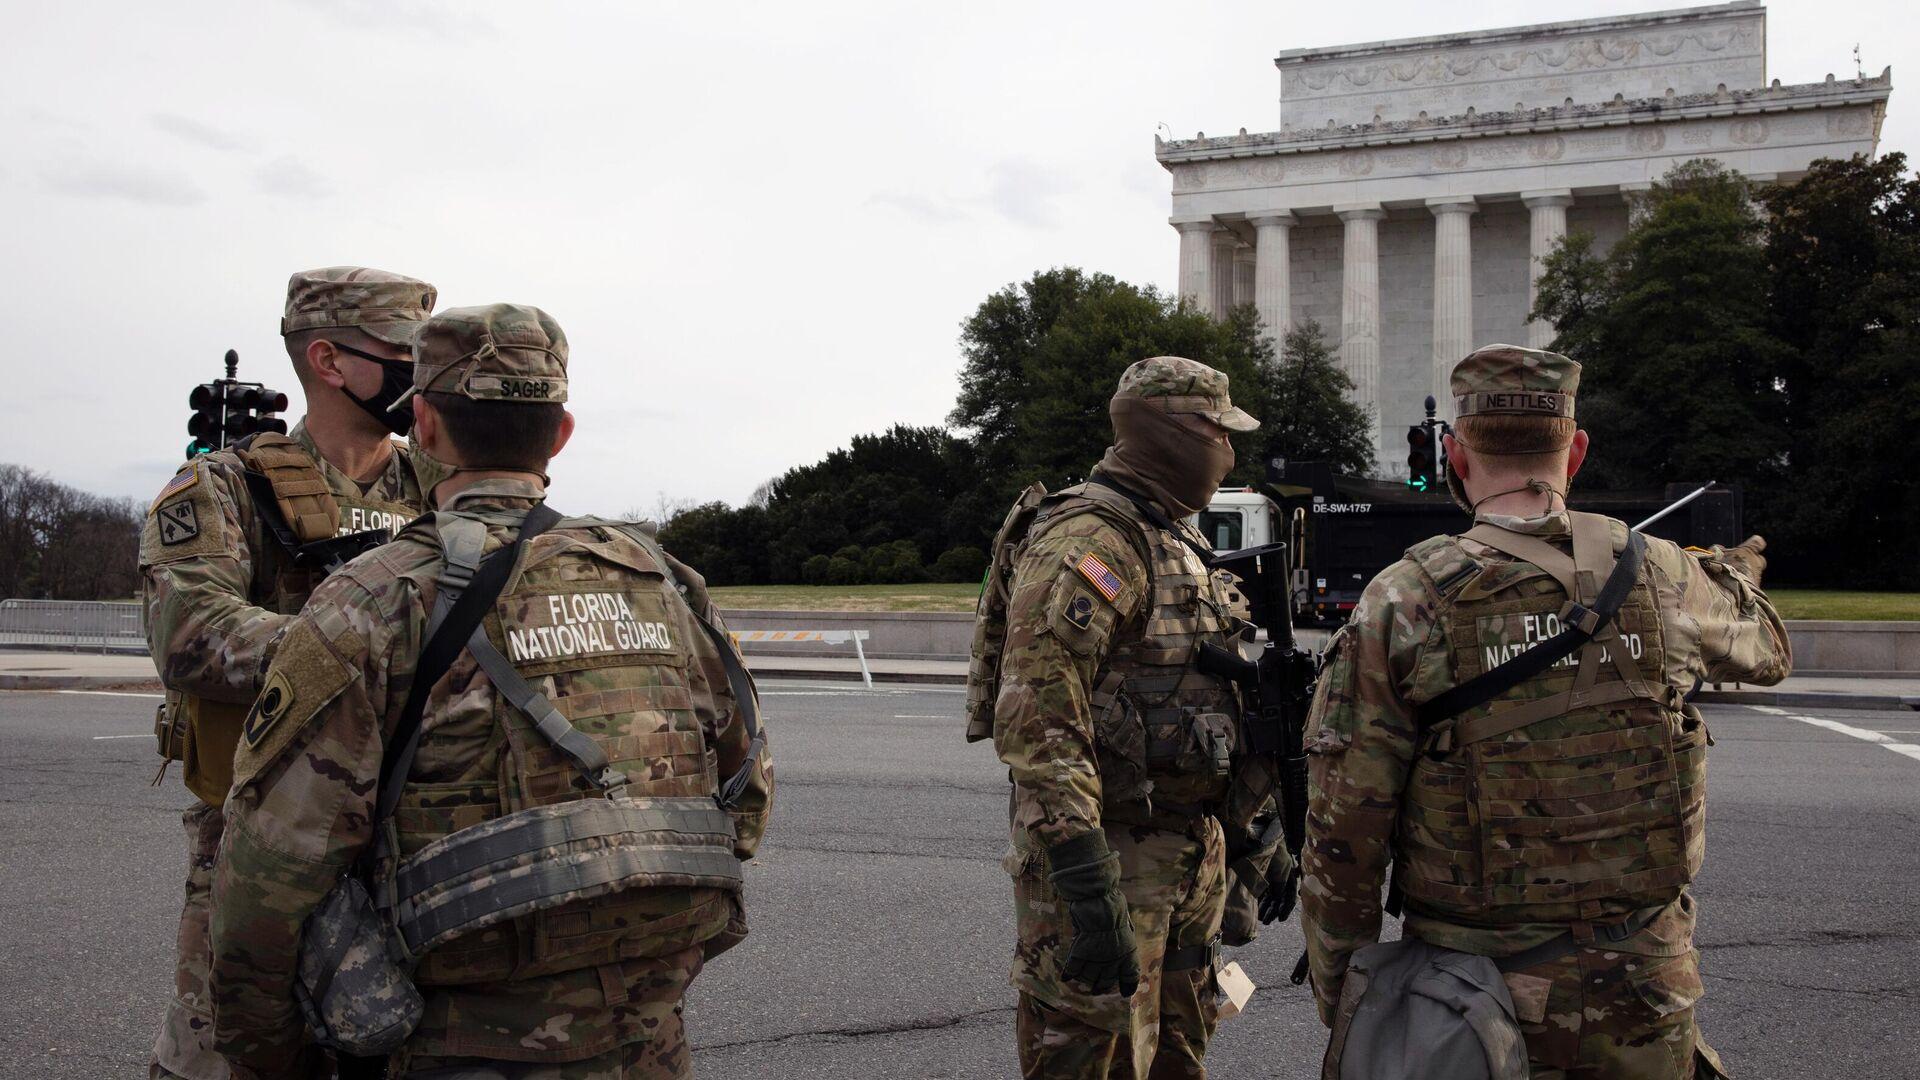 Военнослужащие Национальной гвардии дежурят на одной из улиц неподалеку от здания Капитолия в Вашингтоне - РИА Новости, 1920, 18.01.2021